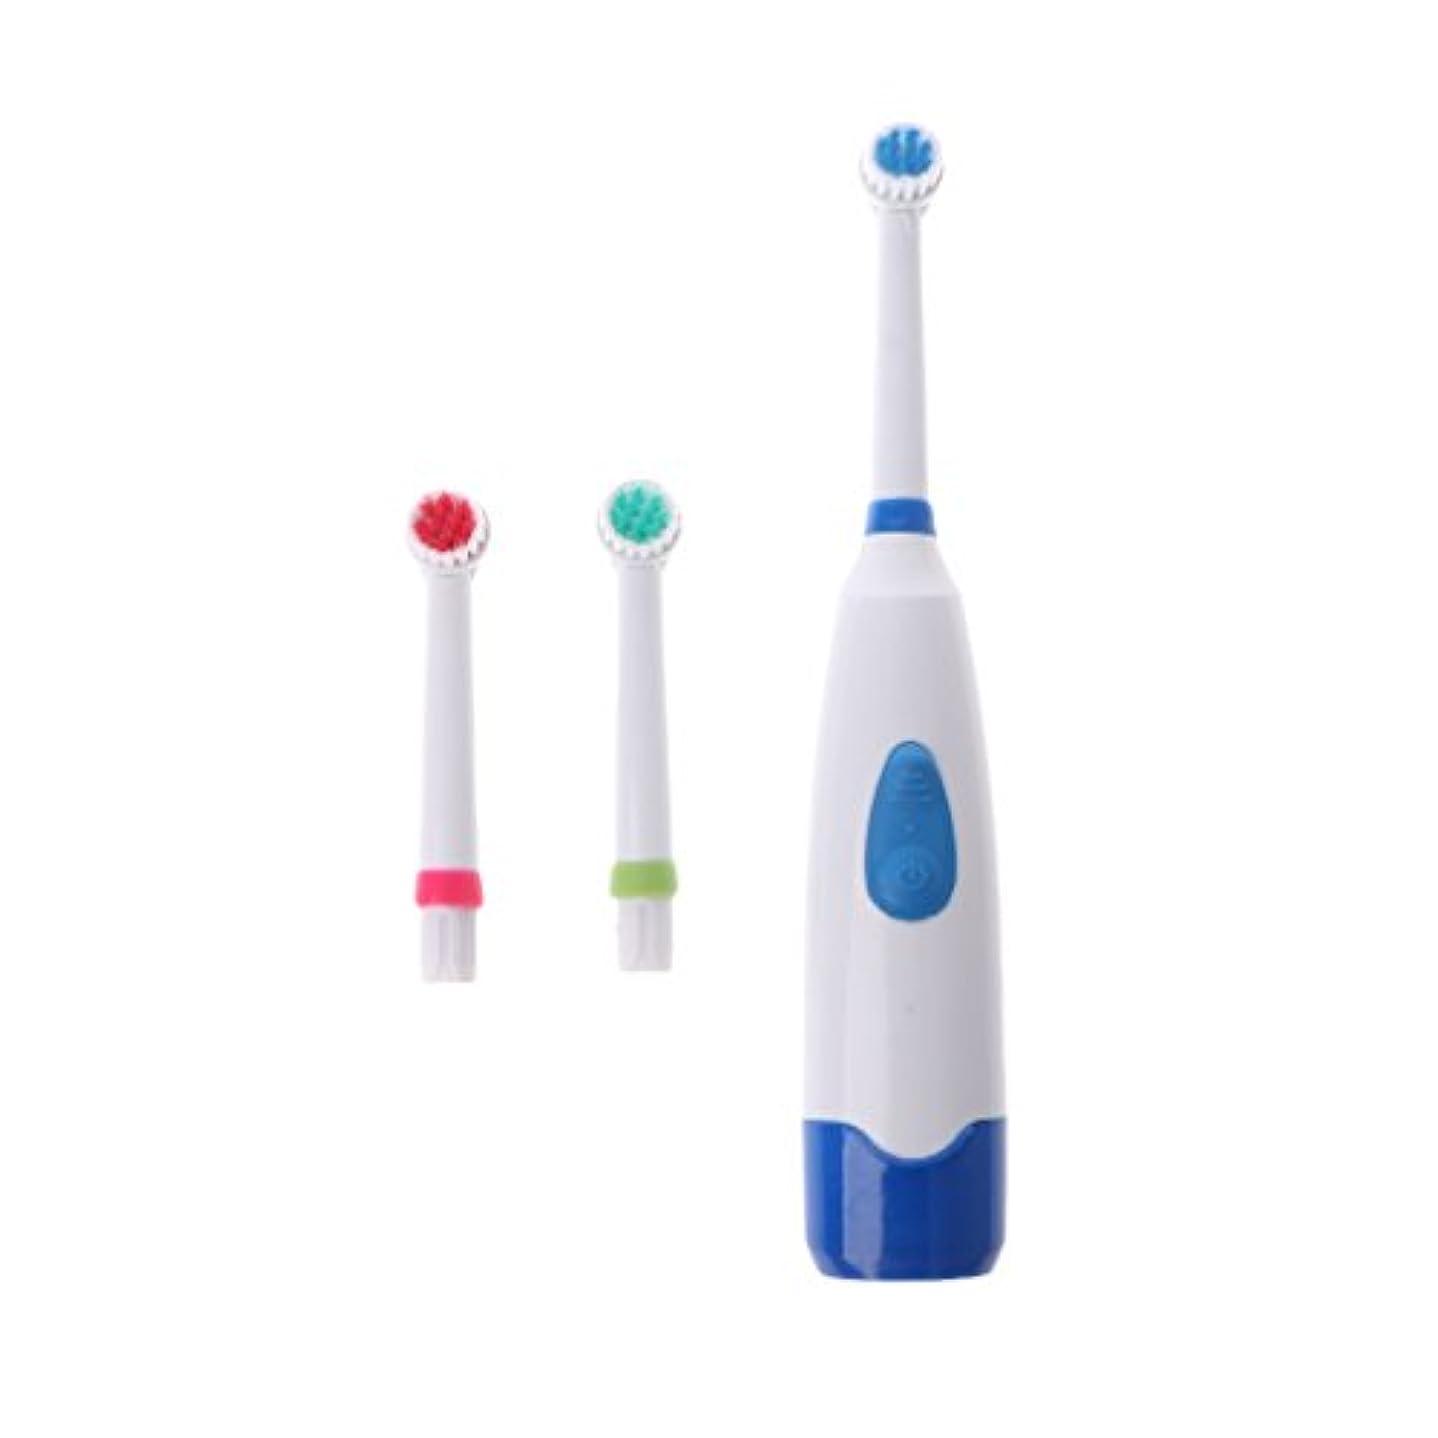 マラドロイトニッケルメンダシティManyao 3ブラシヘッドで防水回転電動歯ブラシ (青)